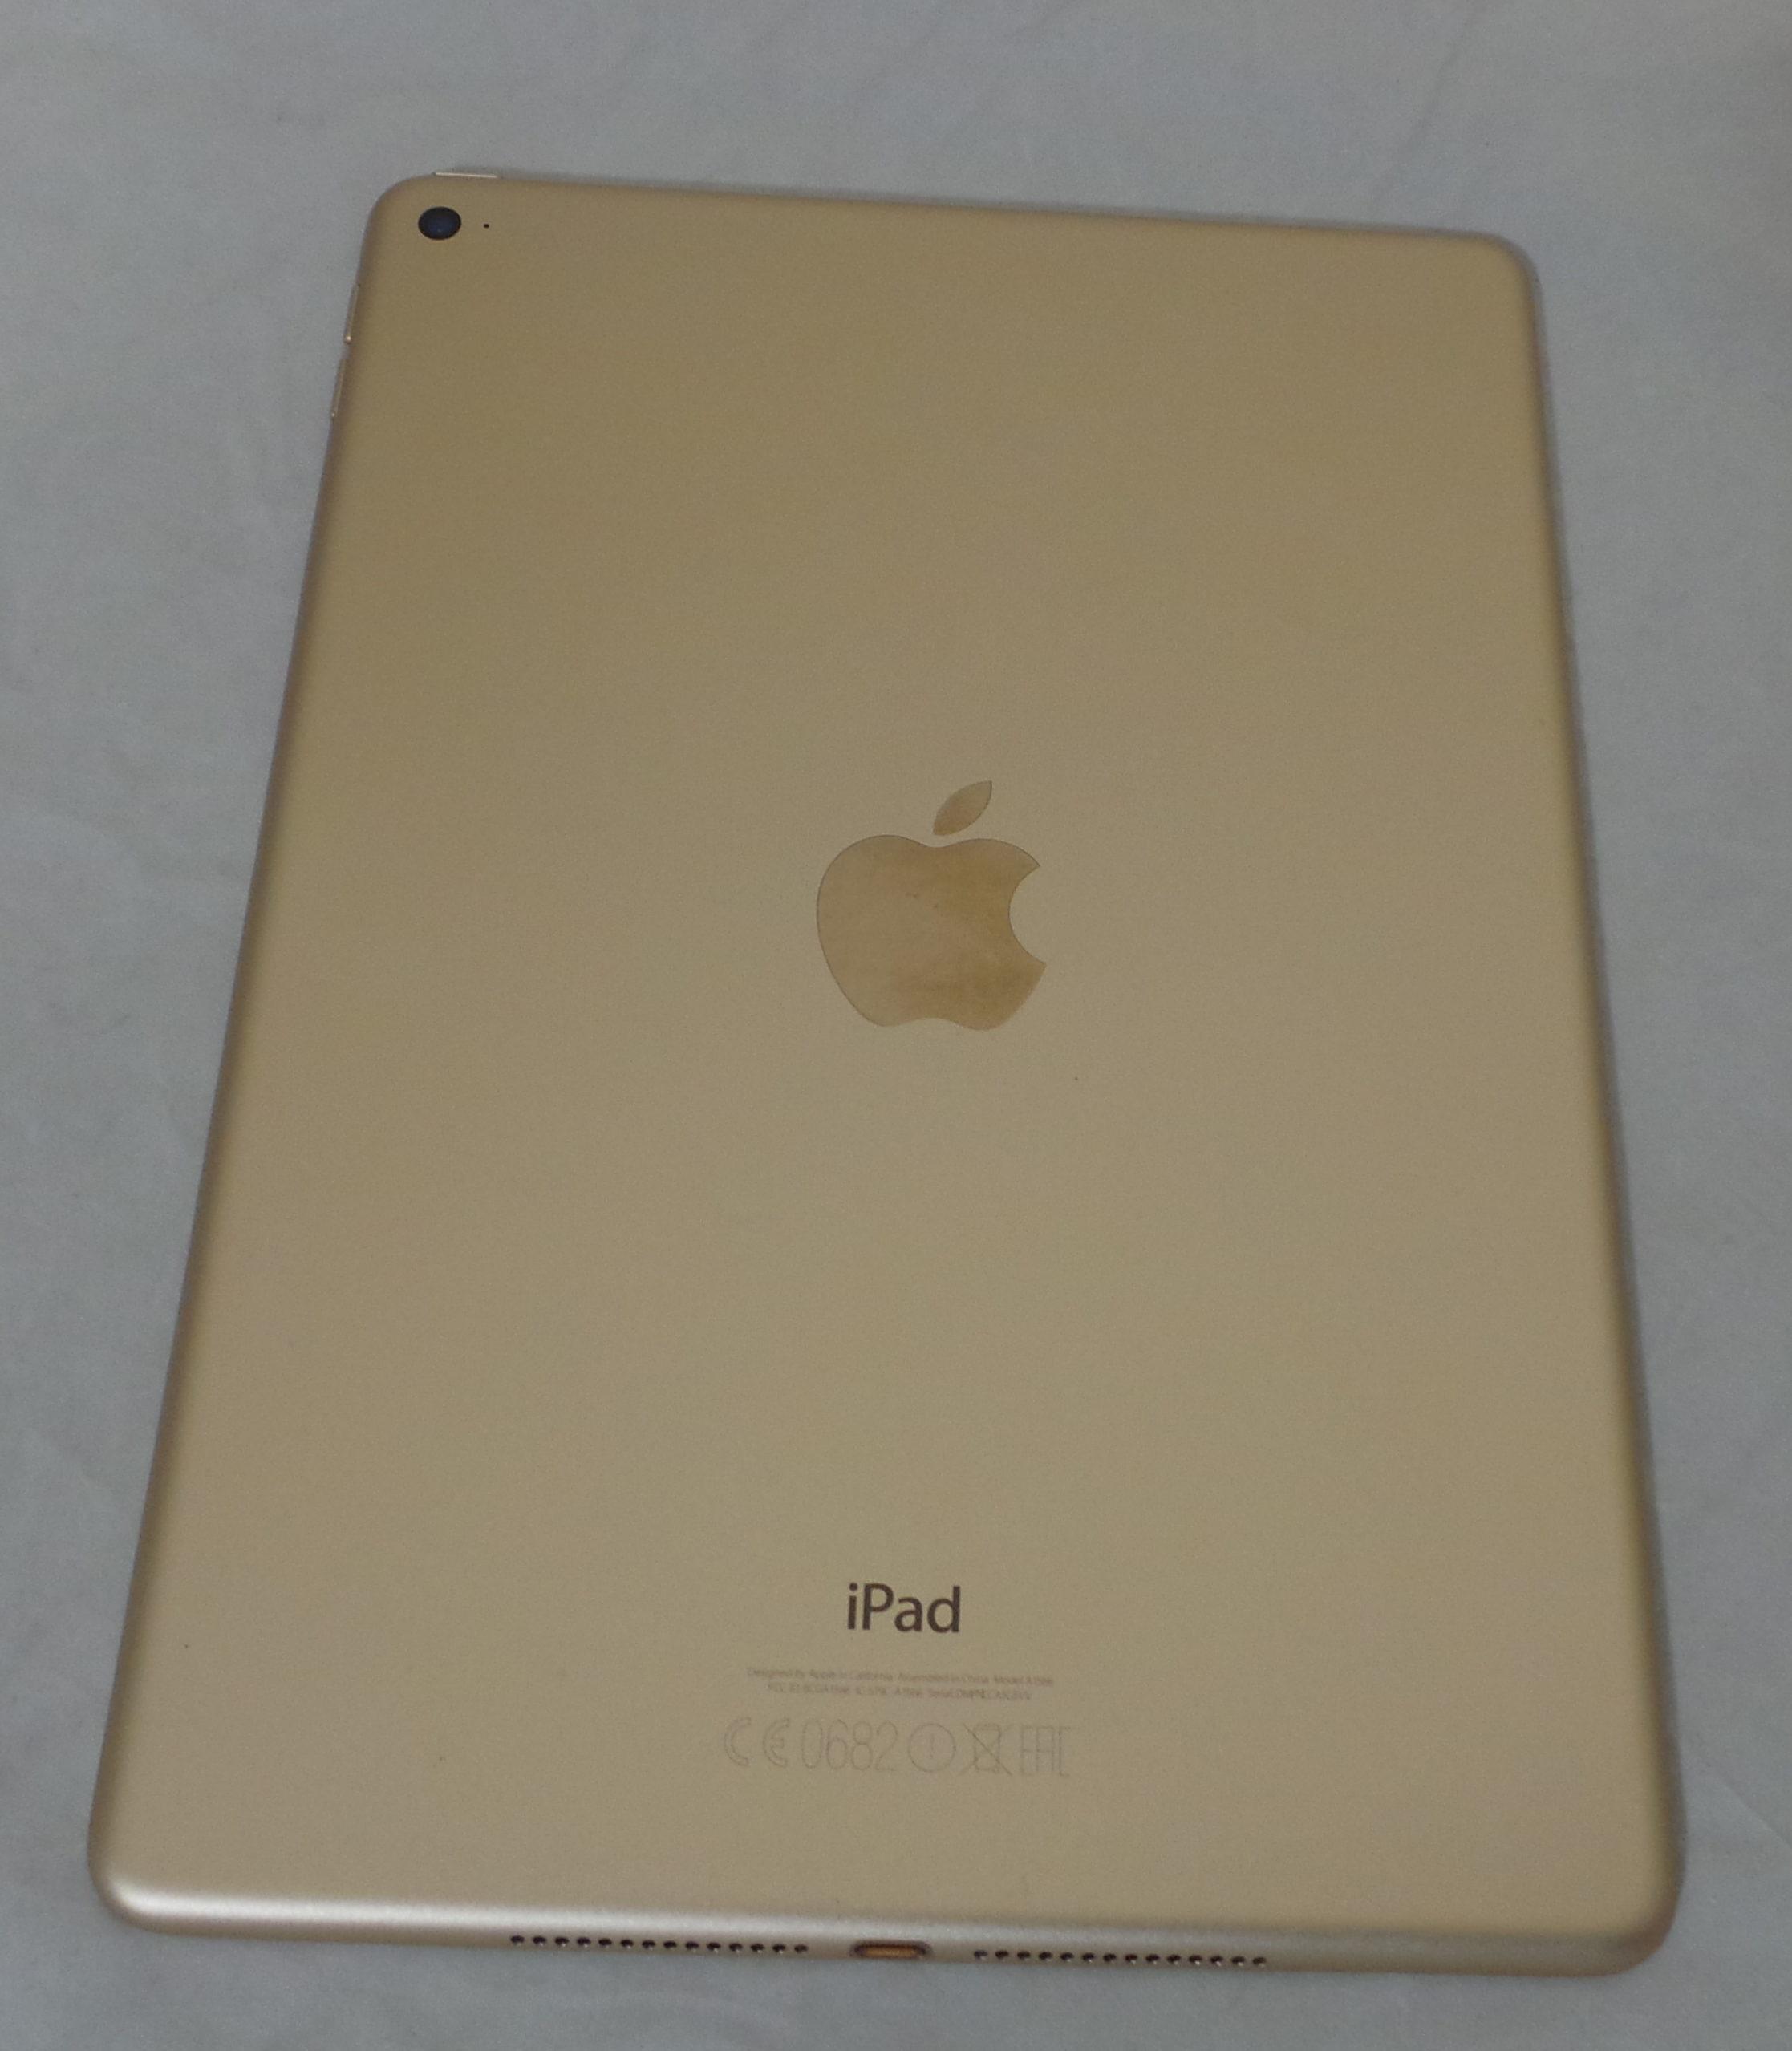 iPad Air 2 Wi-Fi 16GB, 16 GB, Gold, Afbeelding 2